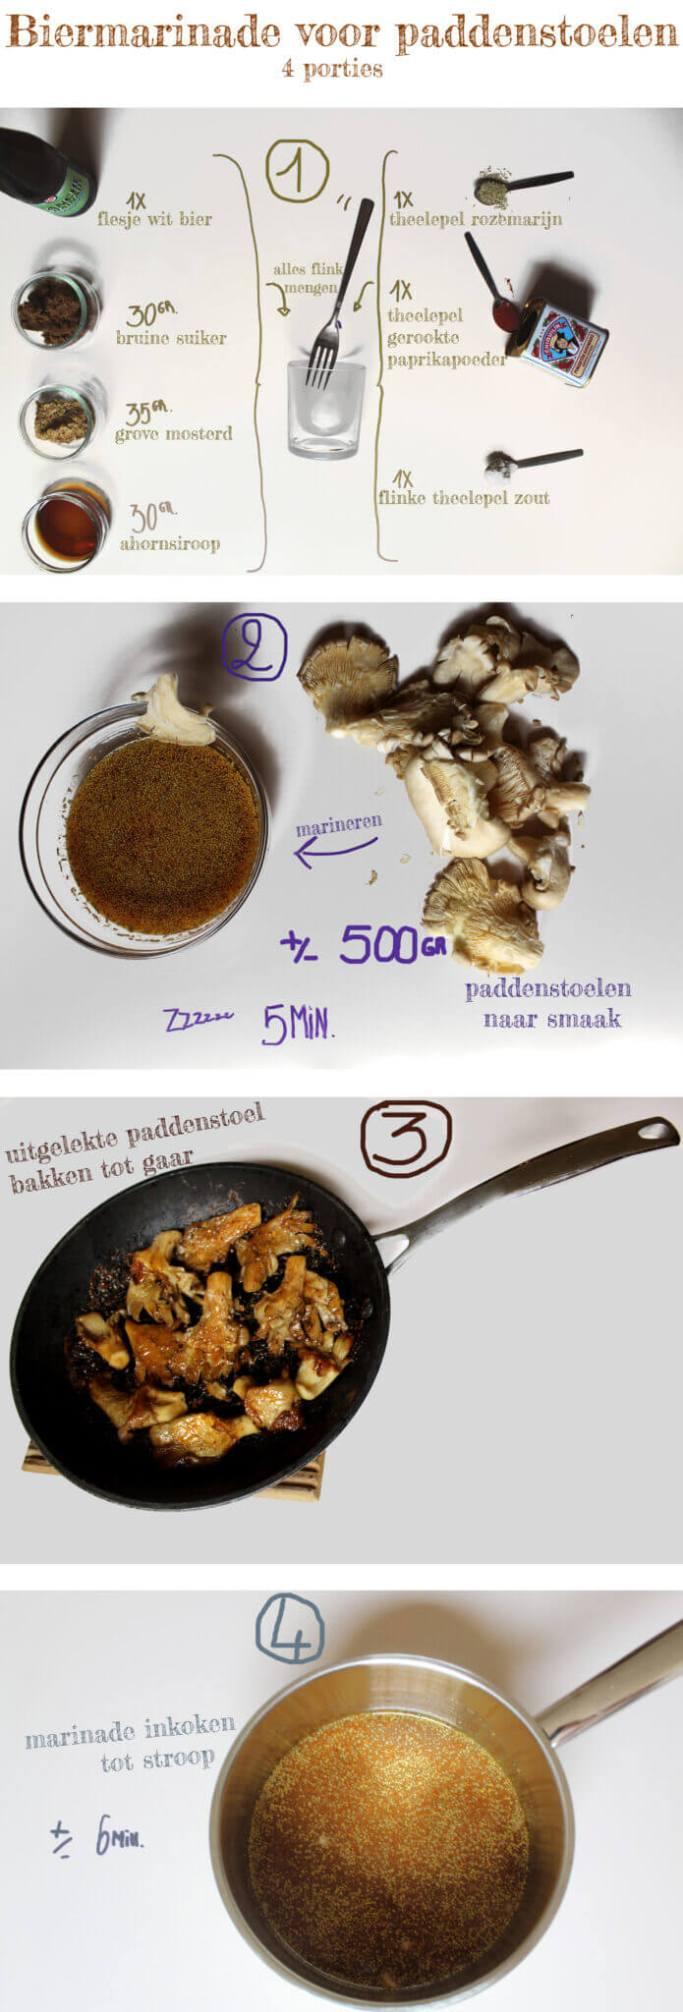 biermarinade voor paddenstoelen.jpg